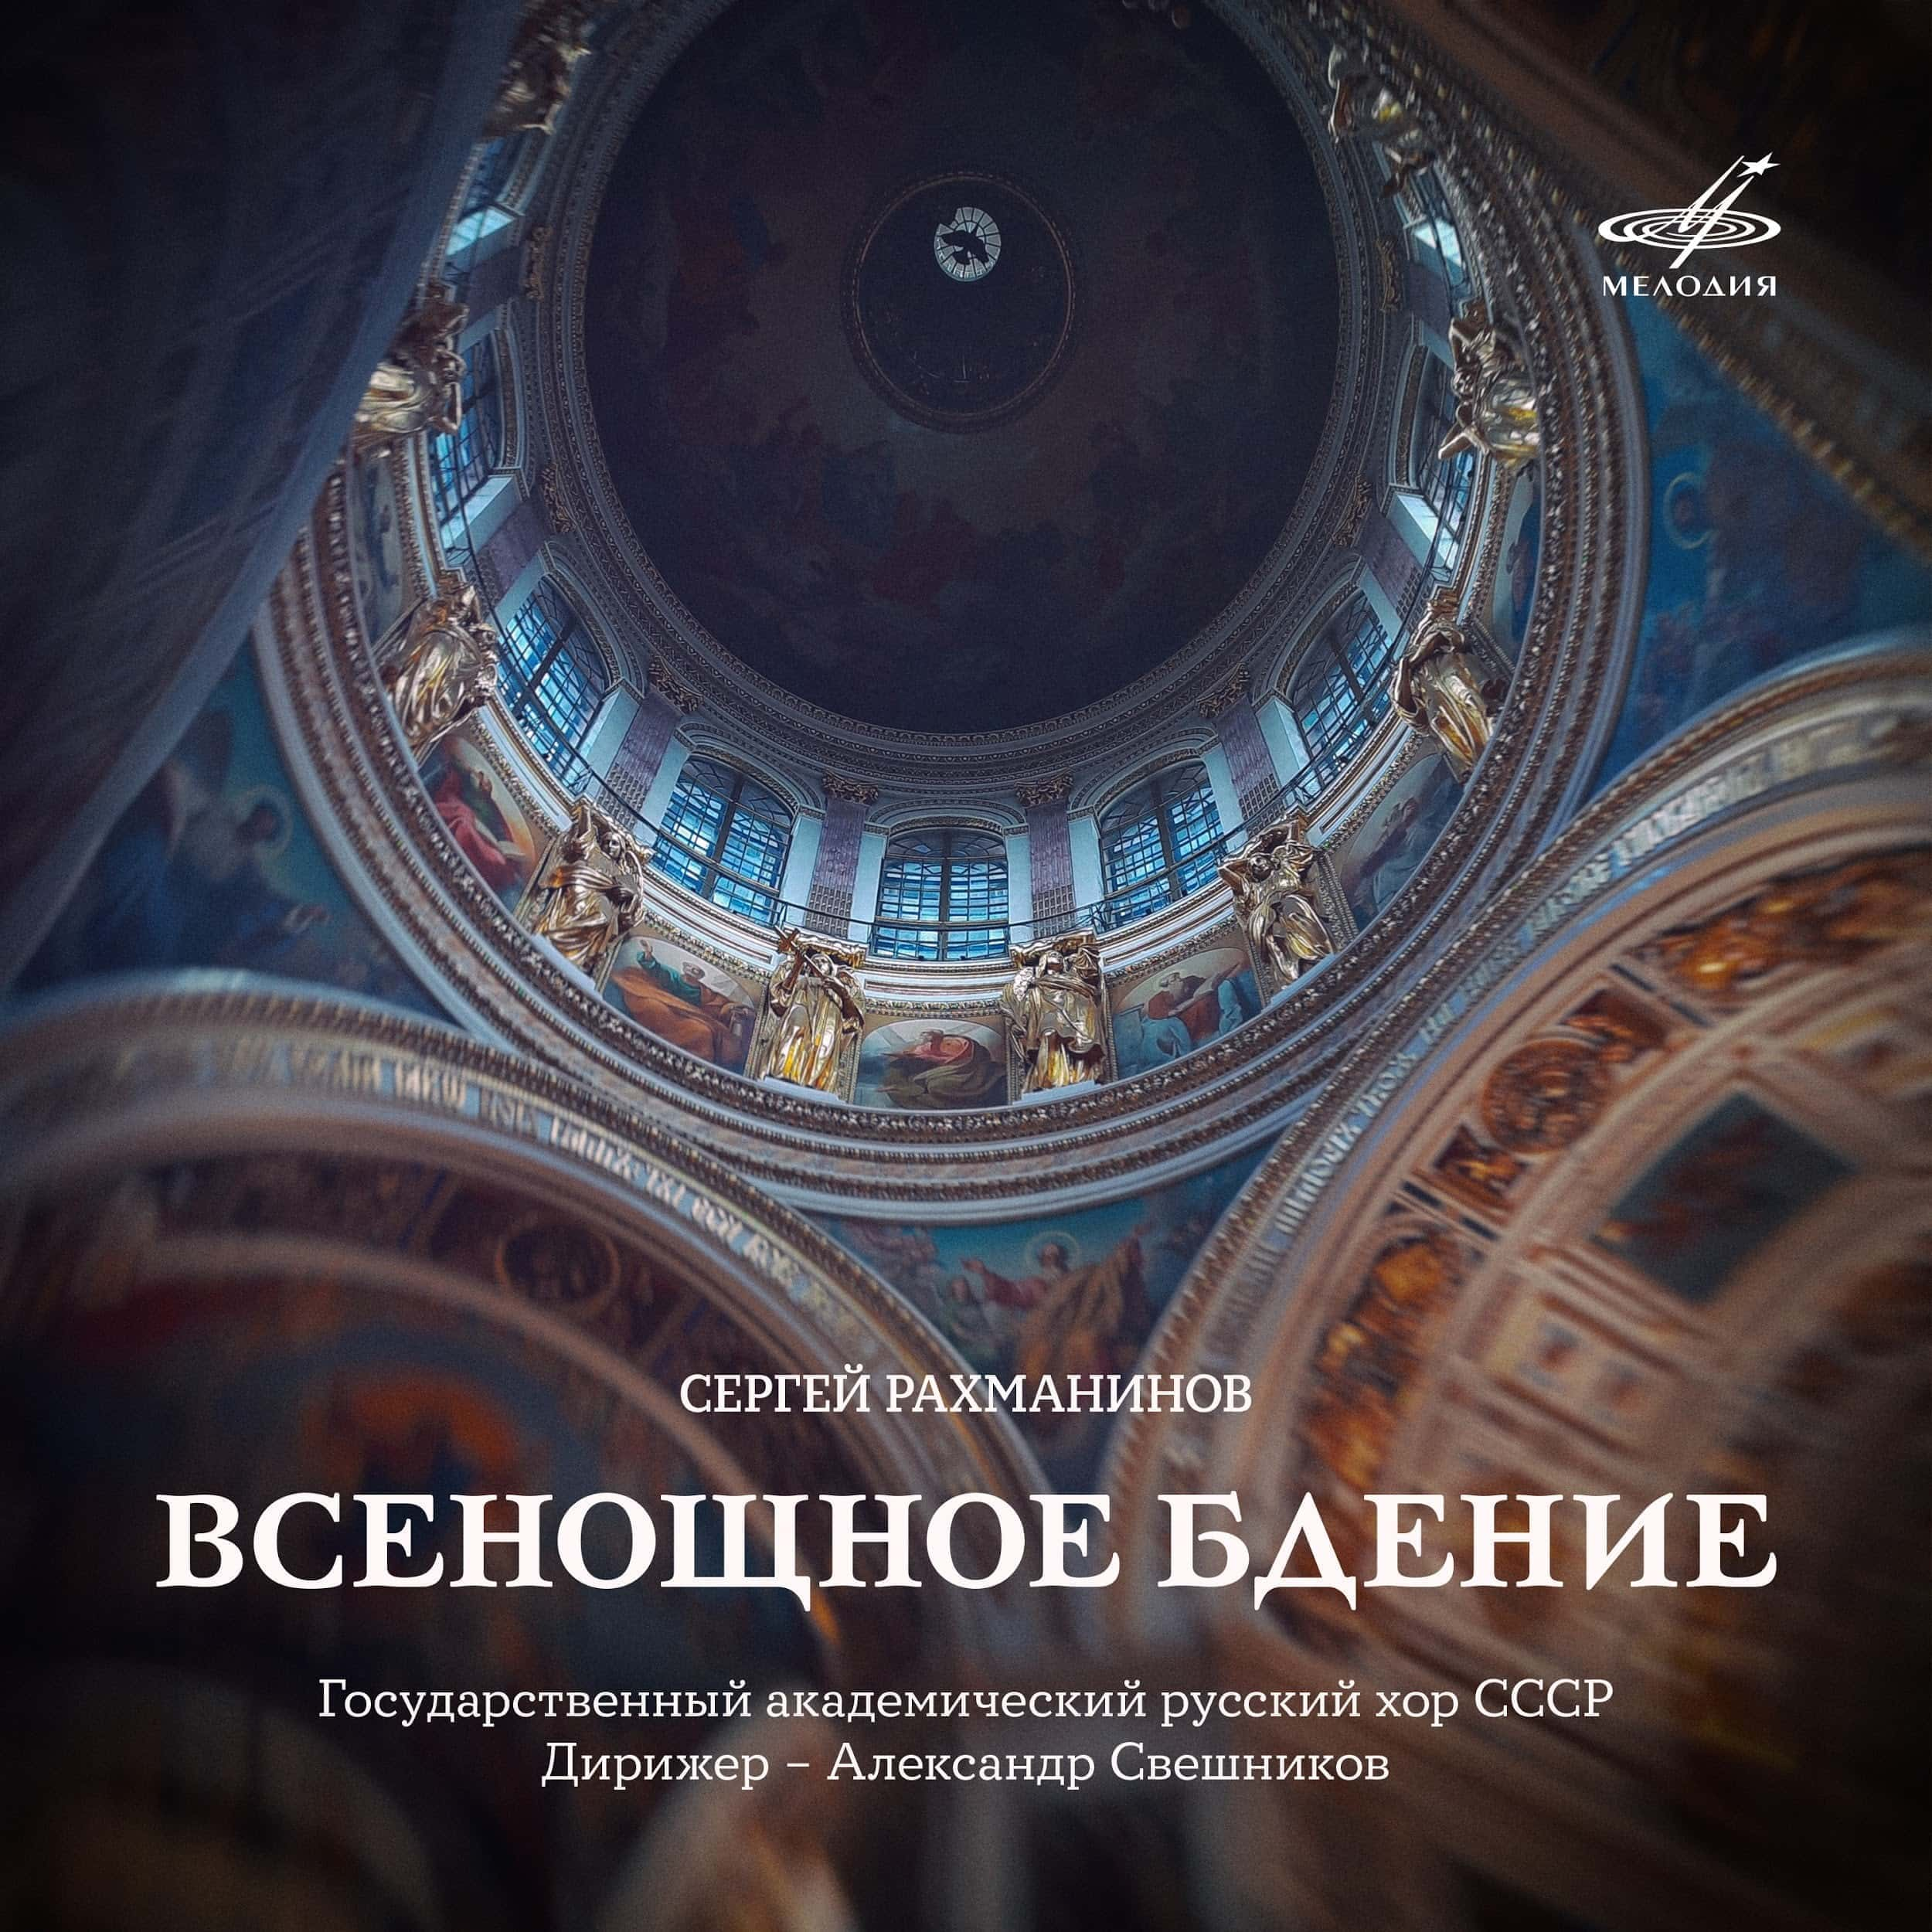 به سیصدمین سالگرد تولد الكساندر سوشنیكف راچمانینوف